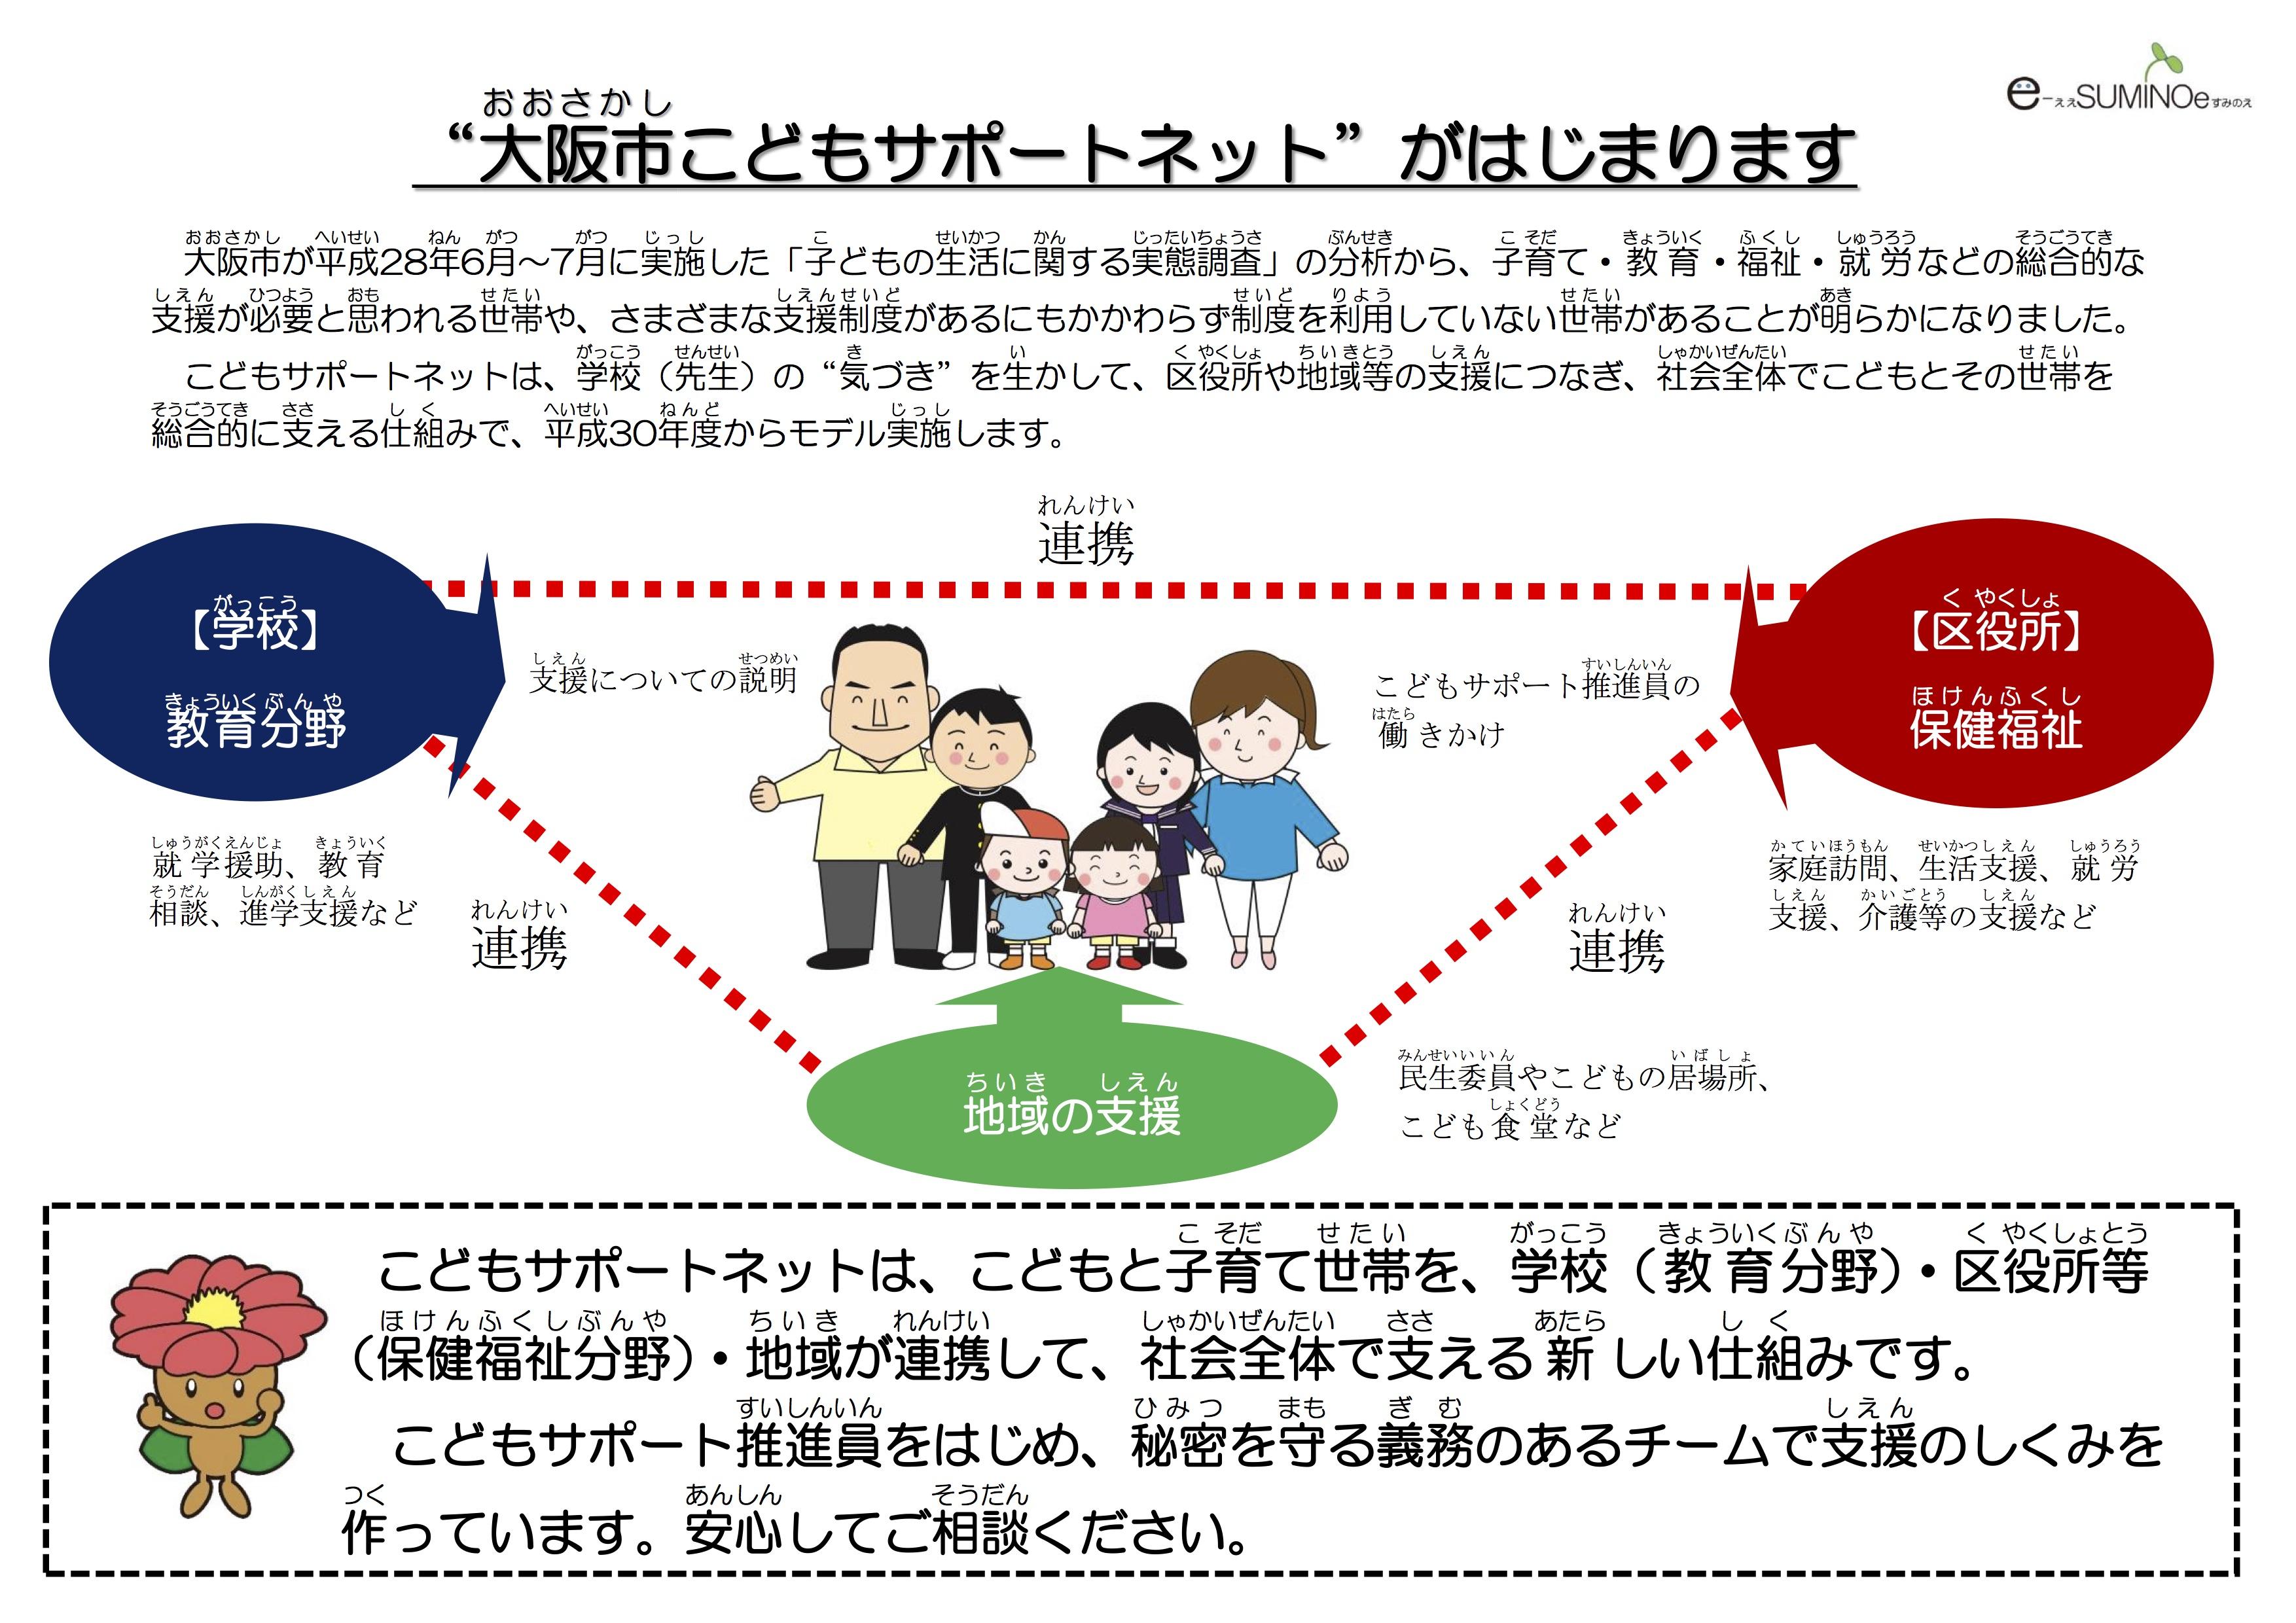 大阪市こどもサポートネット